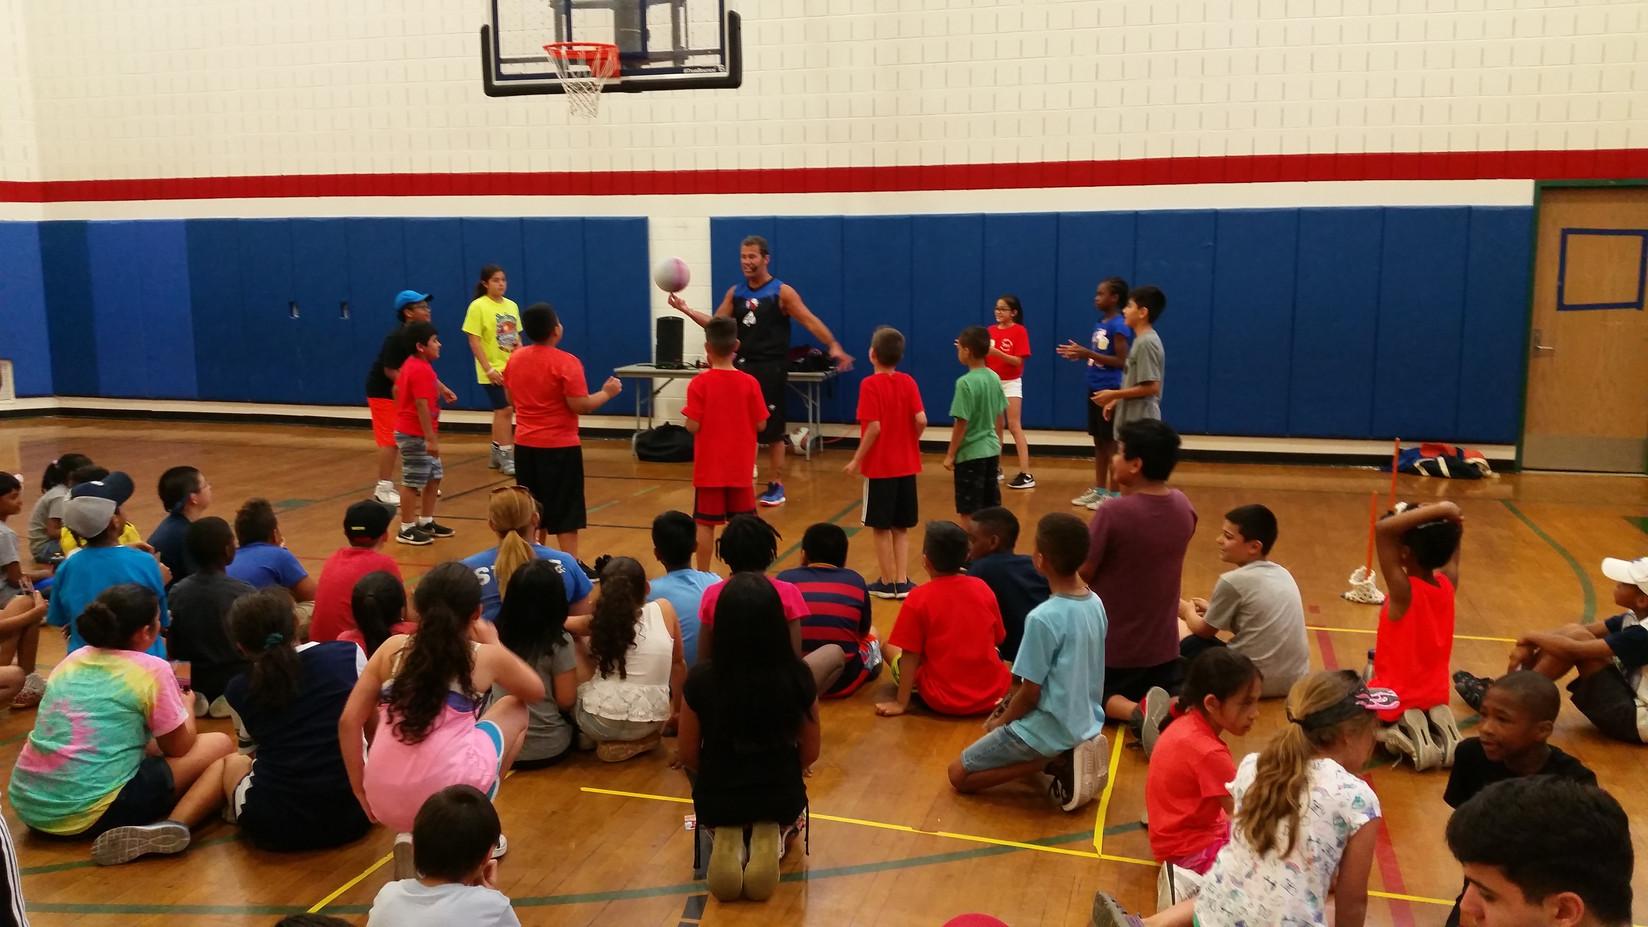 MME-Basketball-Master-For-Kids.jpg